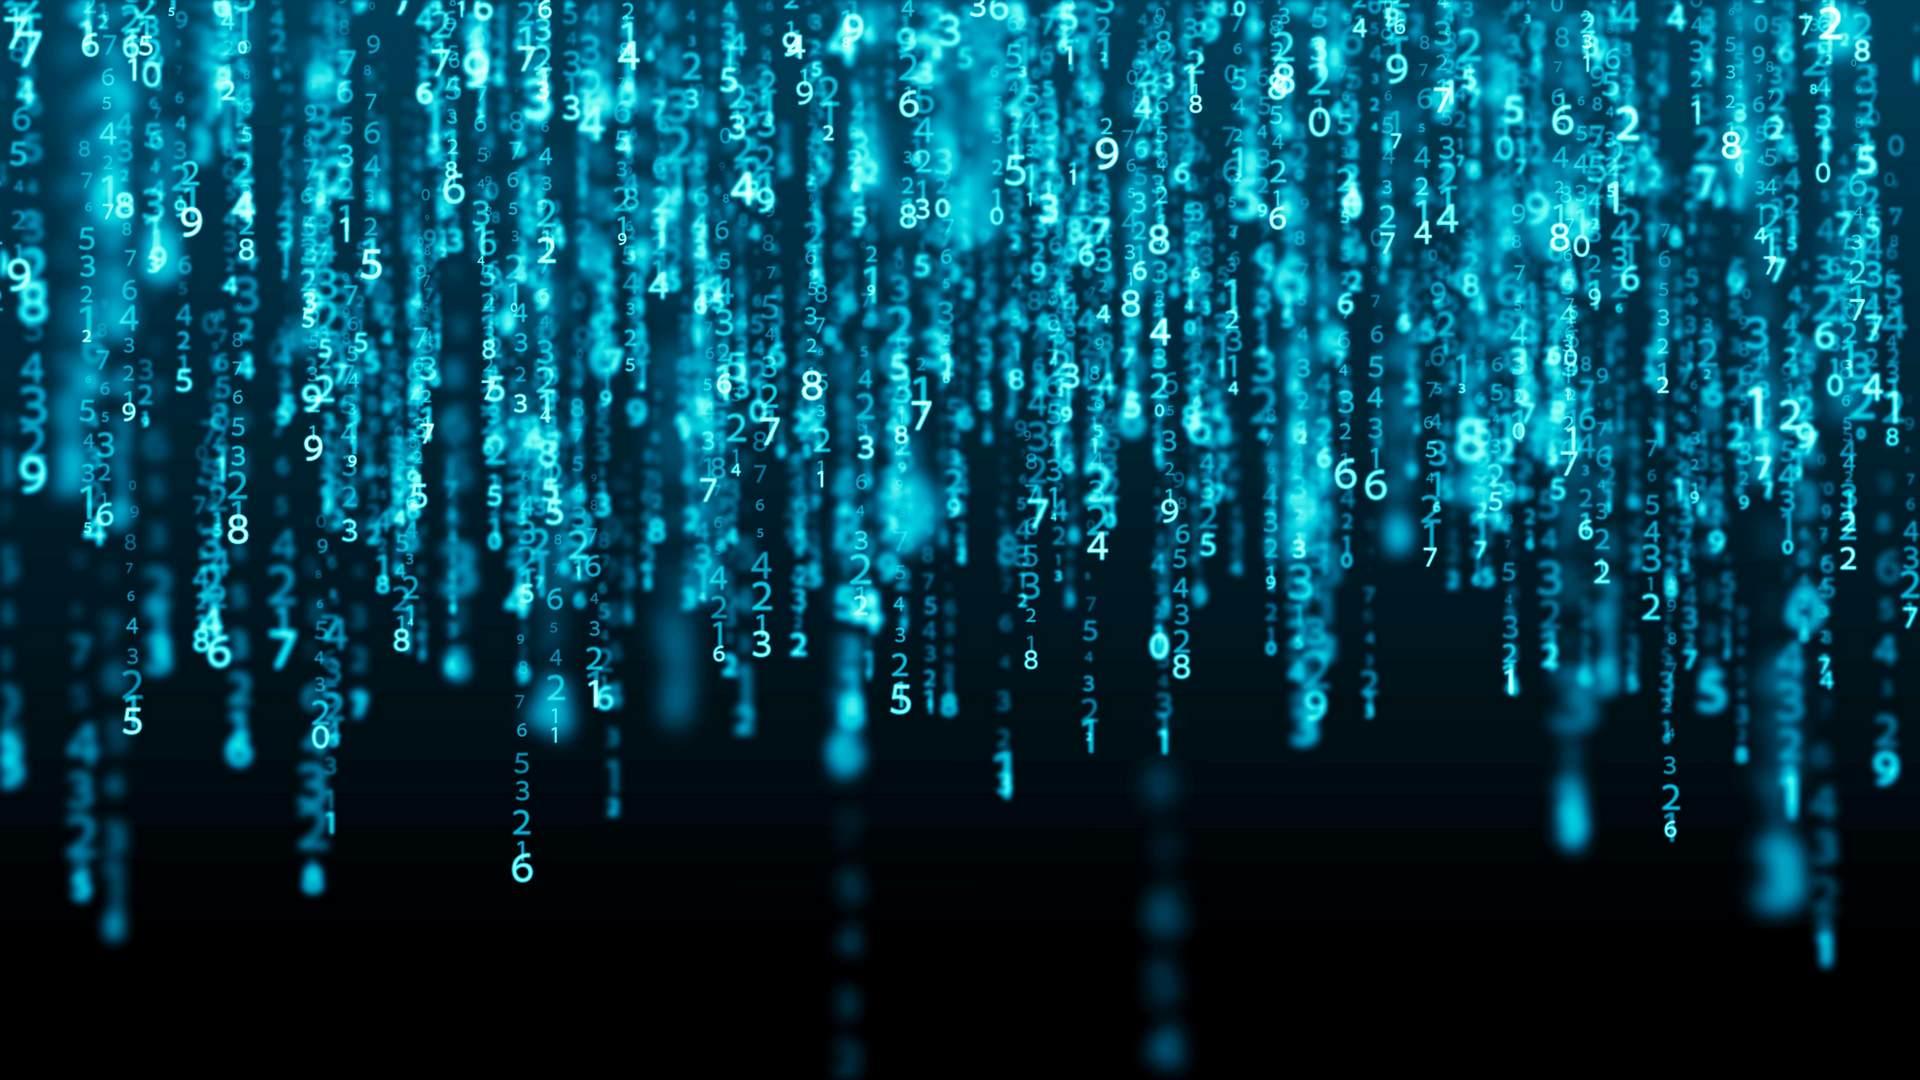 Data_Science_Relevanz_Zukunftschancen_Interview_mit_Geschäftsführer_Rico_Knapper_von_Anacision_GmbH